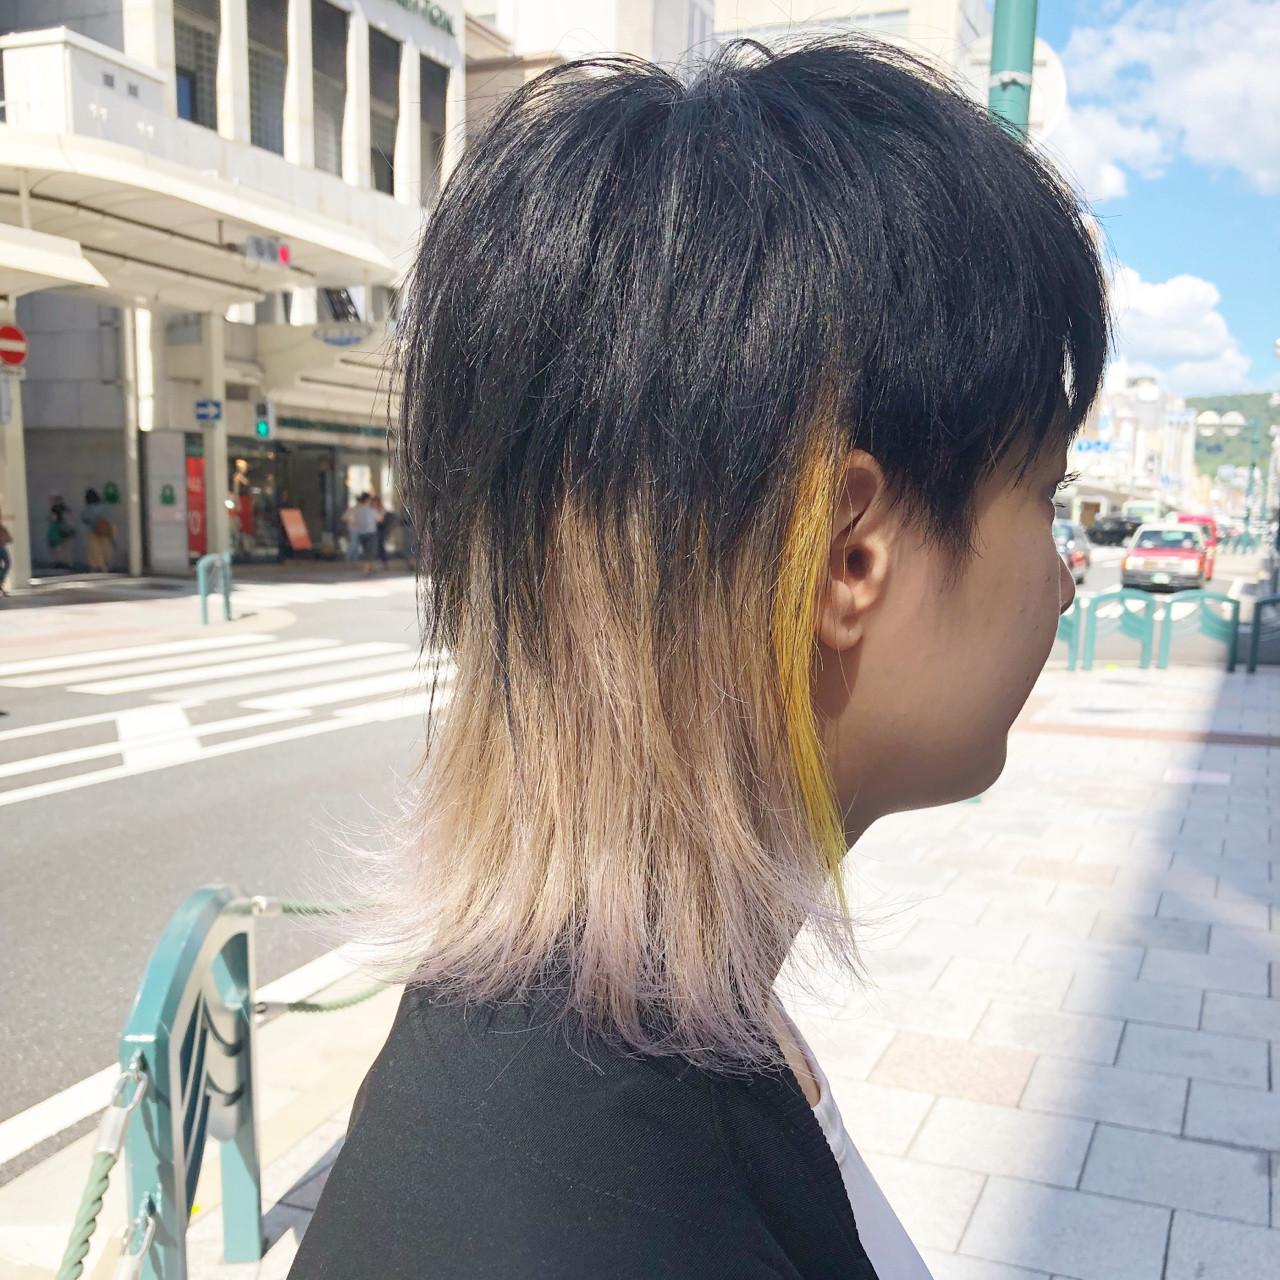 ウルフカット ブリーチ ミディアム モード ヘアスタイルや髪型の写真・画像 | 元橋啓太 / snob